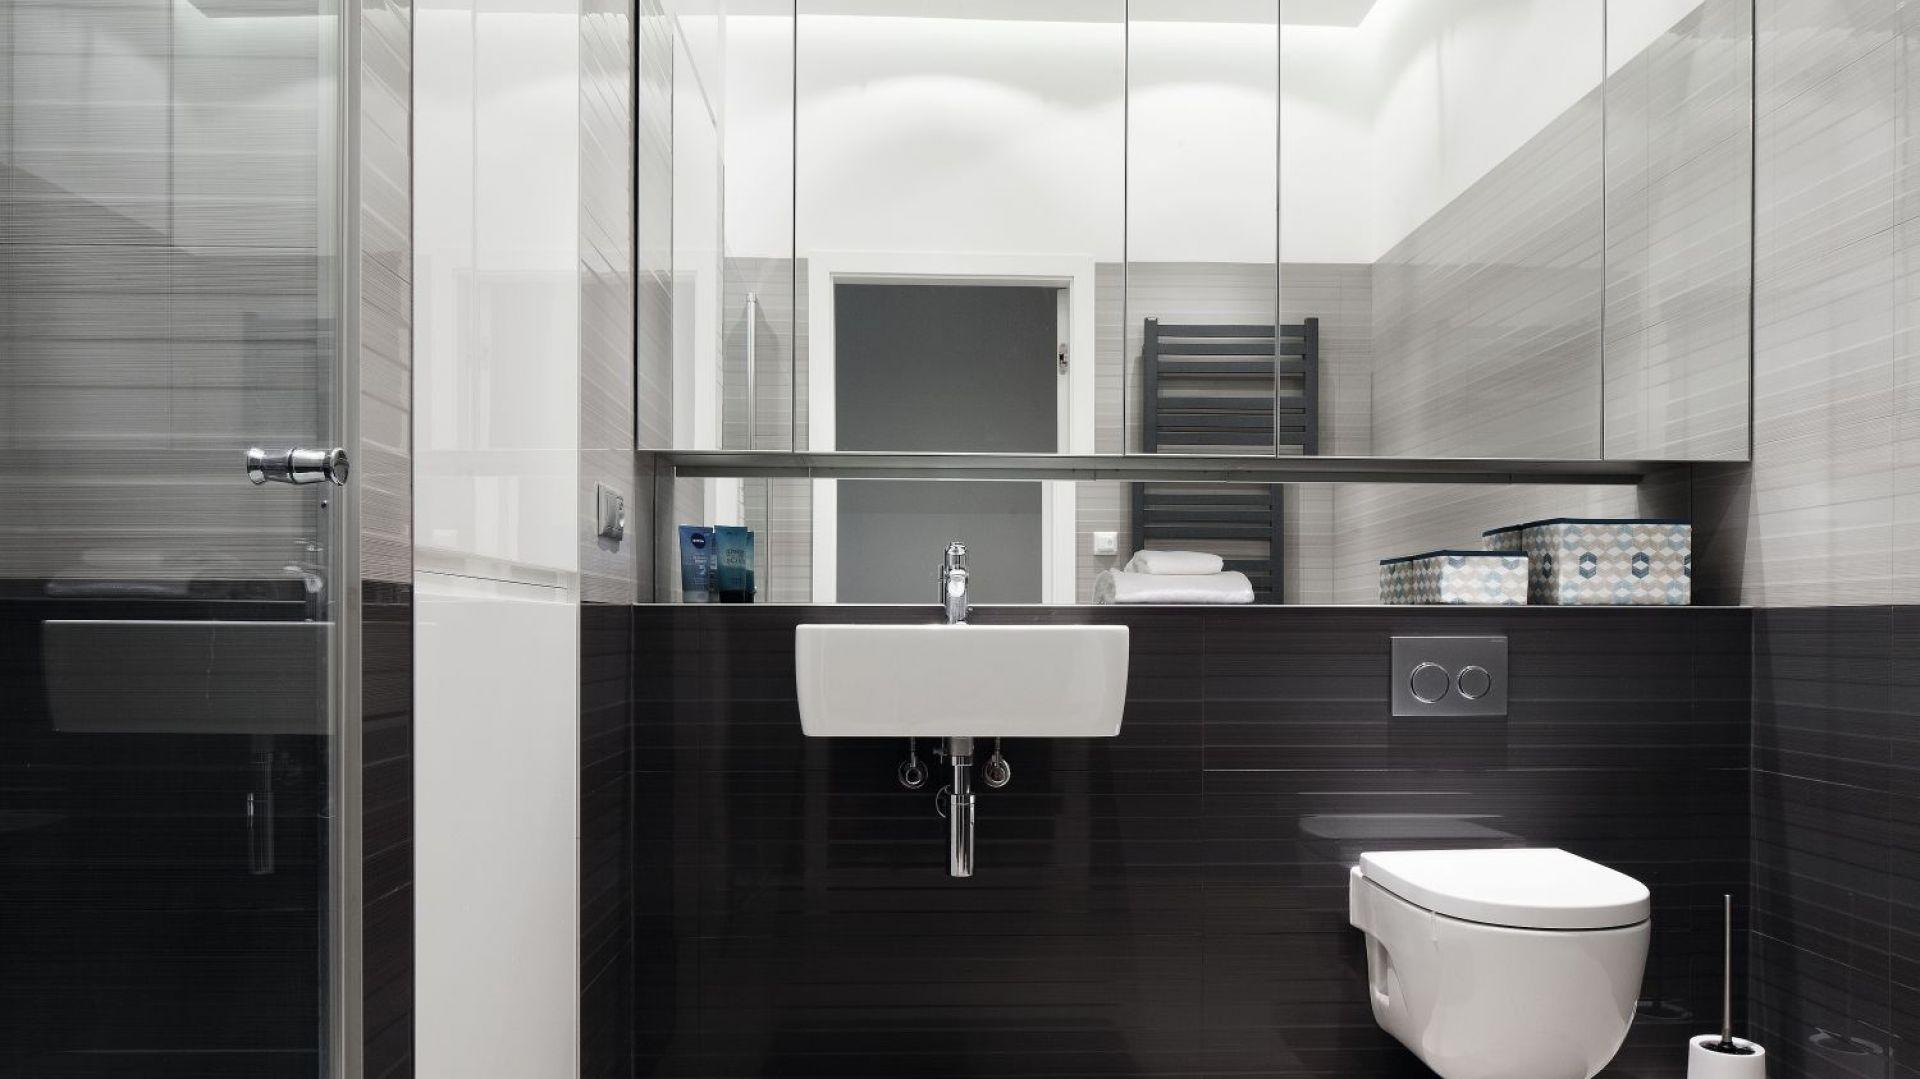 Wysoka pod sam sufit górna zabudowa z lustrzanymi frontami powiększa optycznie łazienkę. Projekt: Anna Maria Sokołowska. Fot. Bartosz Jarosz